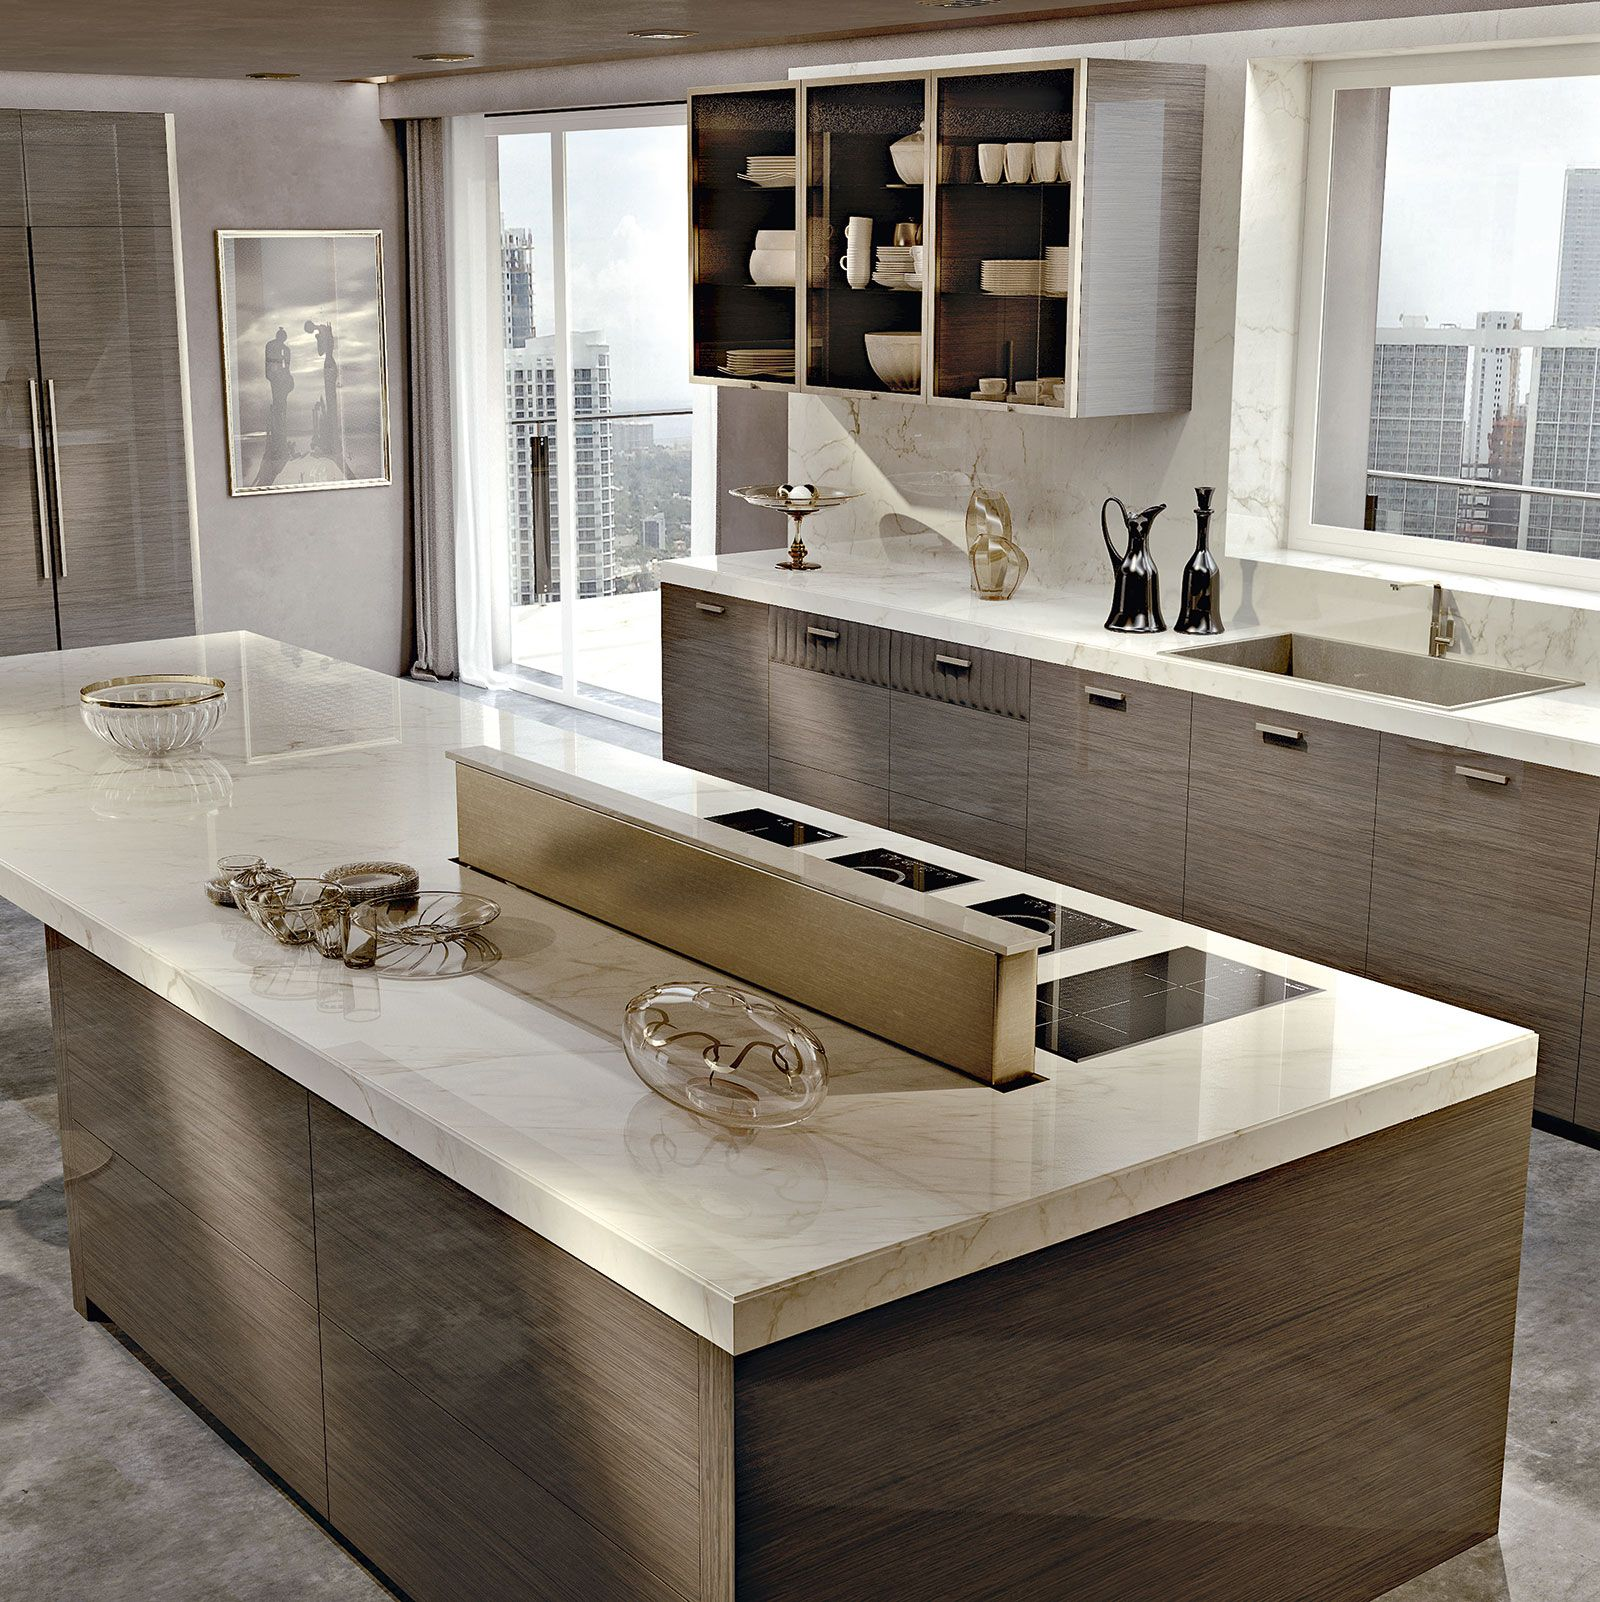 Daytona arredamento contemporaneo moderno di lusso e for Arredamento casa stile contemporaneo